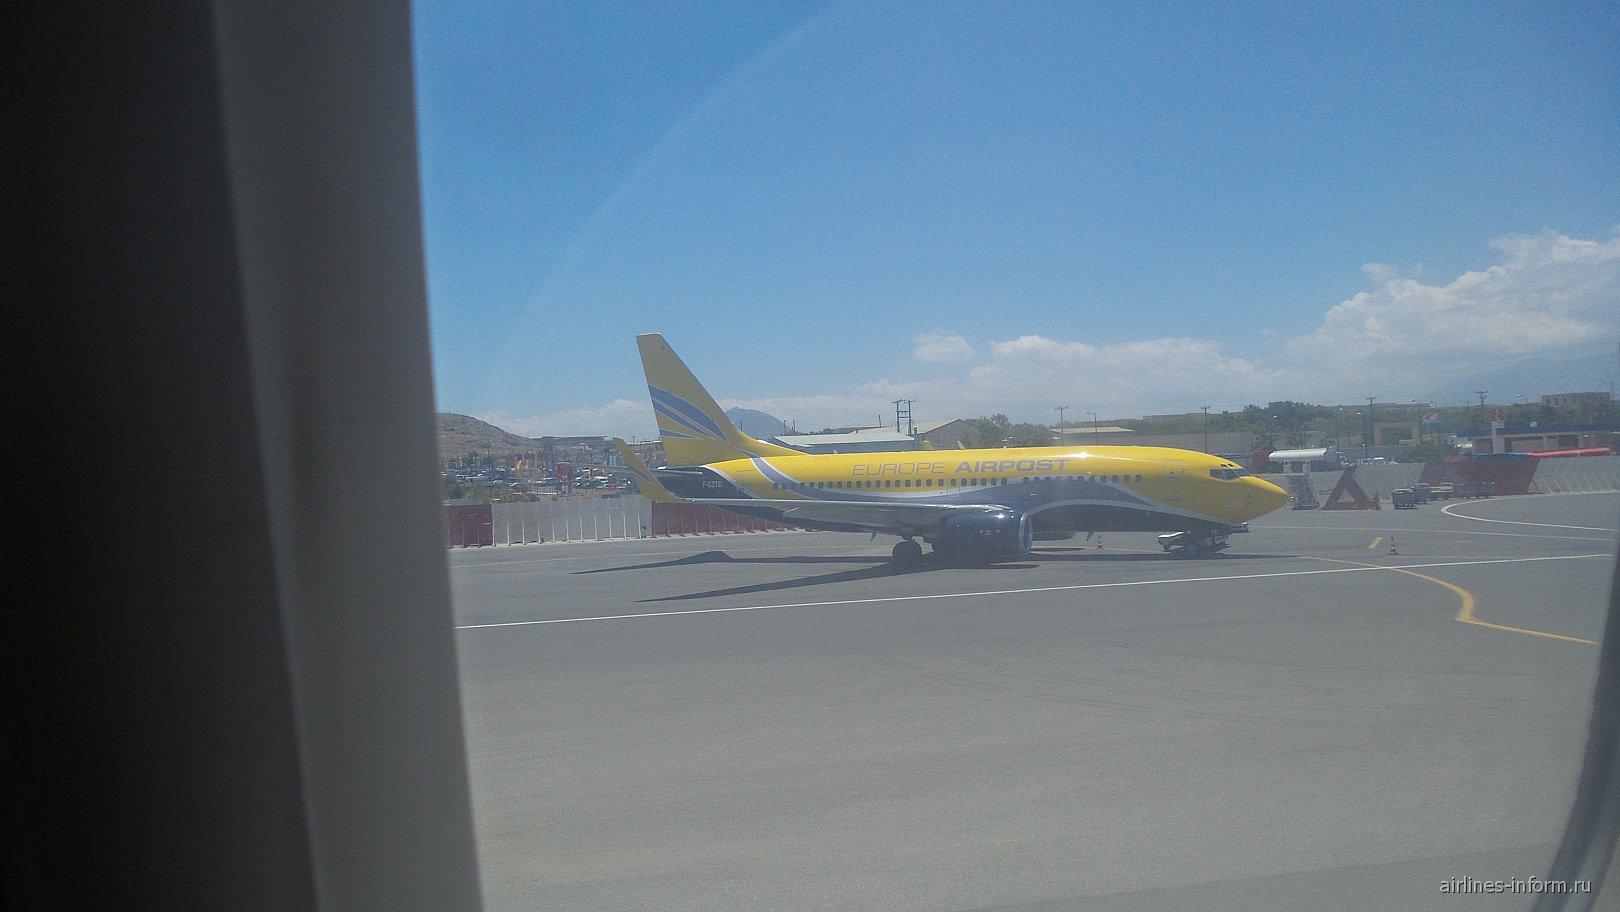 Боинг 737-500 Europe Airpost.